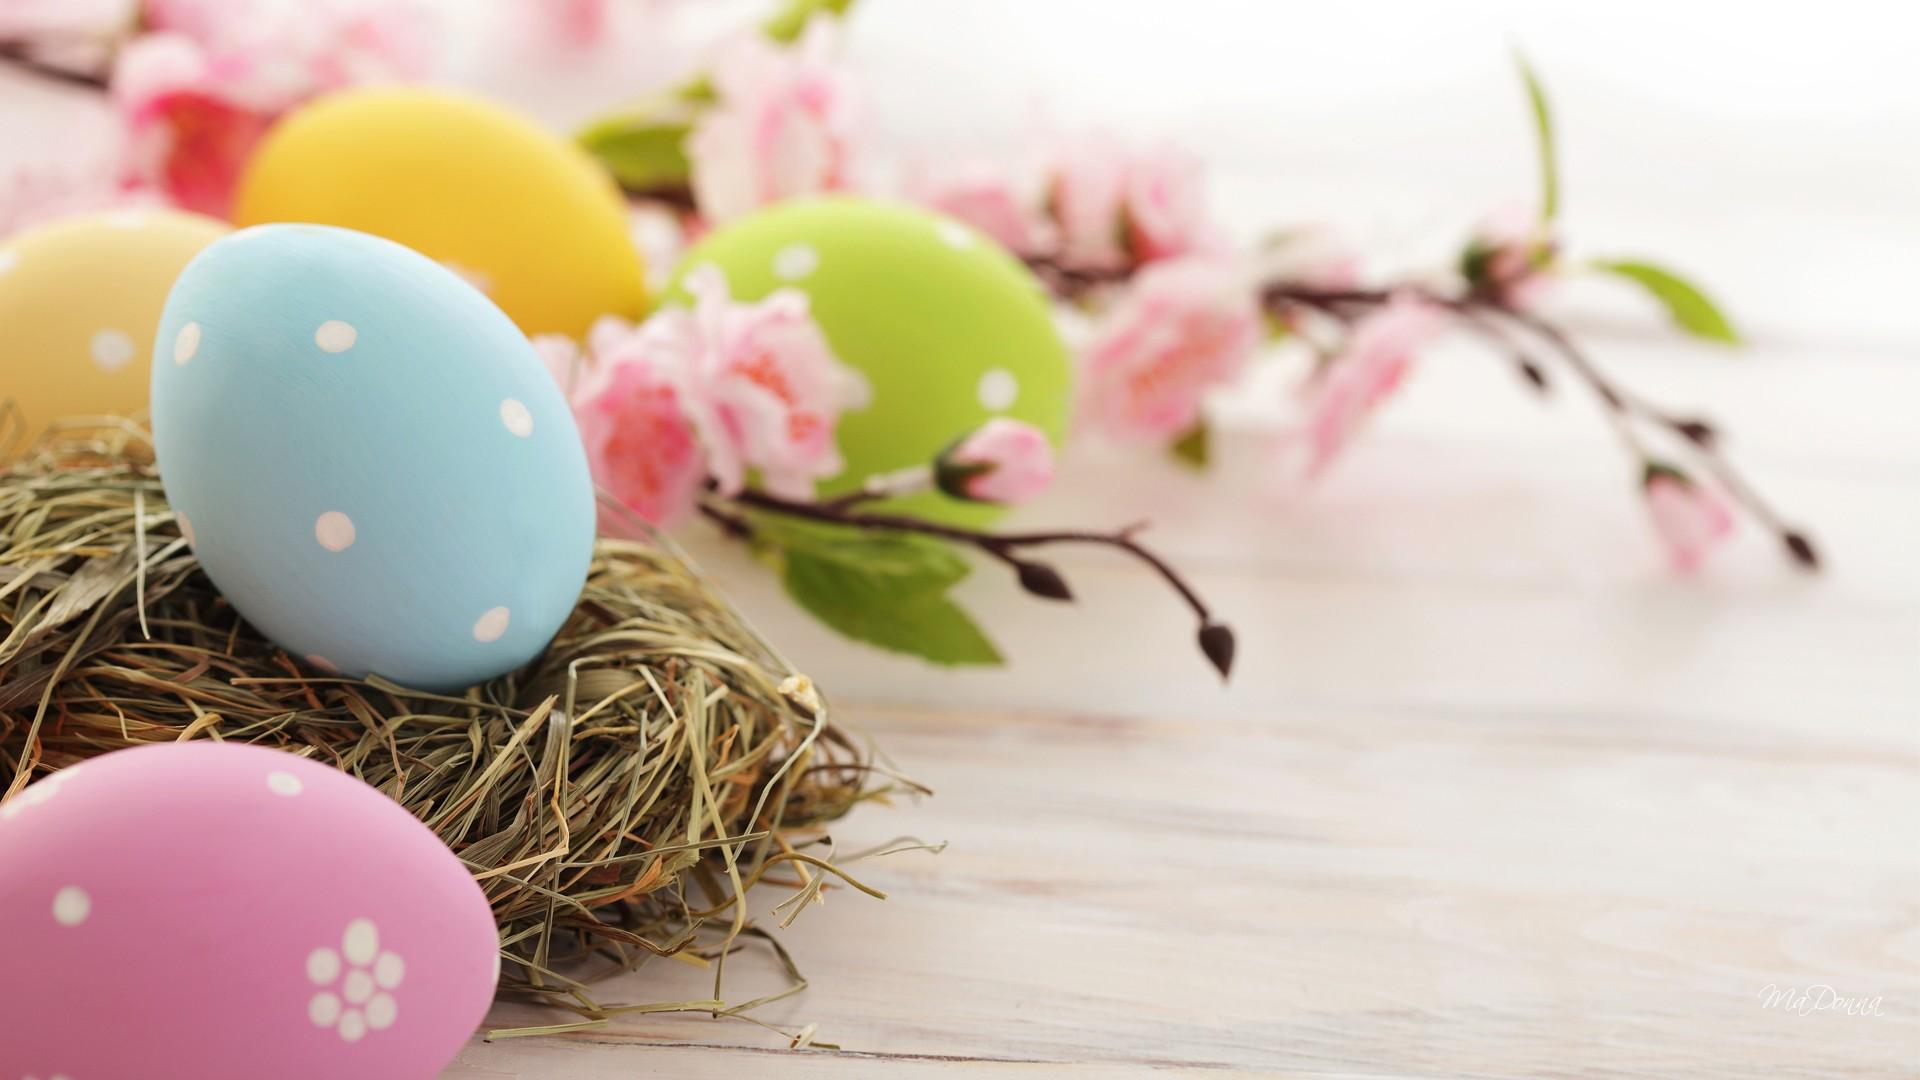 Free Download Desktop Easter Backgrounds Hd Easter Images 1920x1080 For Your Desktop Mobile Tablet Explore 65 Easter Backgrounds Desktop Funny Easter Desktop Wallpaper